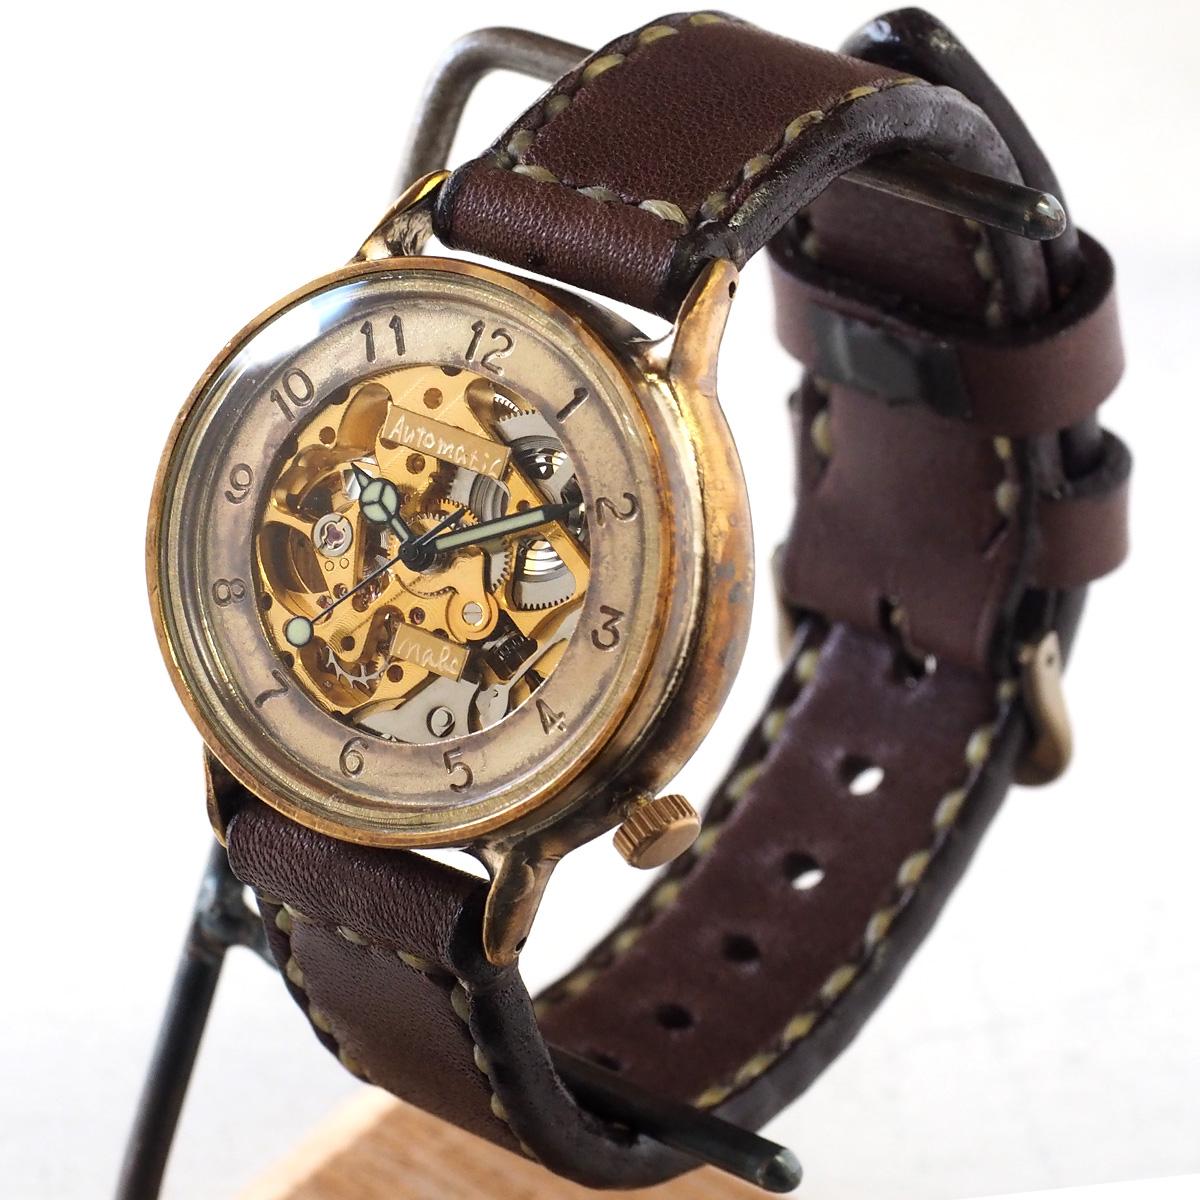 渡辺工房 手作り腕時計 自動巻き 裏スケルトン アラビア数字刻印 メンズブラス 手縫いベルト [NW-BAM021-AR]